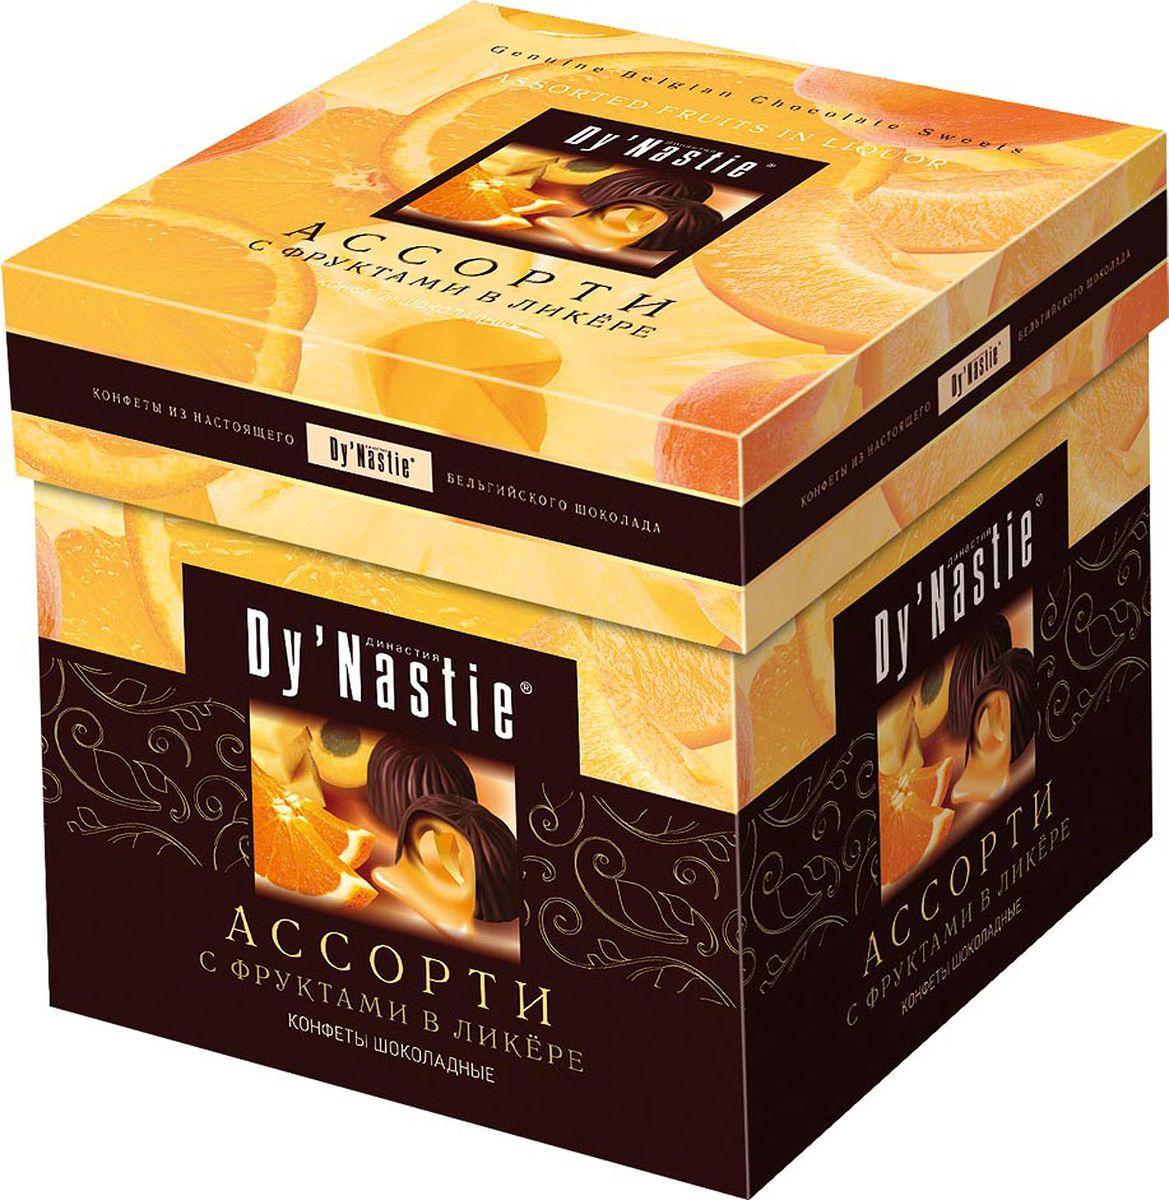 Династия Ассорти с фруктами в ликере шоколадные конфеты, 105 г династия лимончелло шоколадные конфеты 145 г